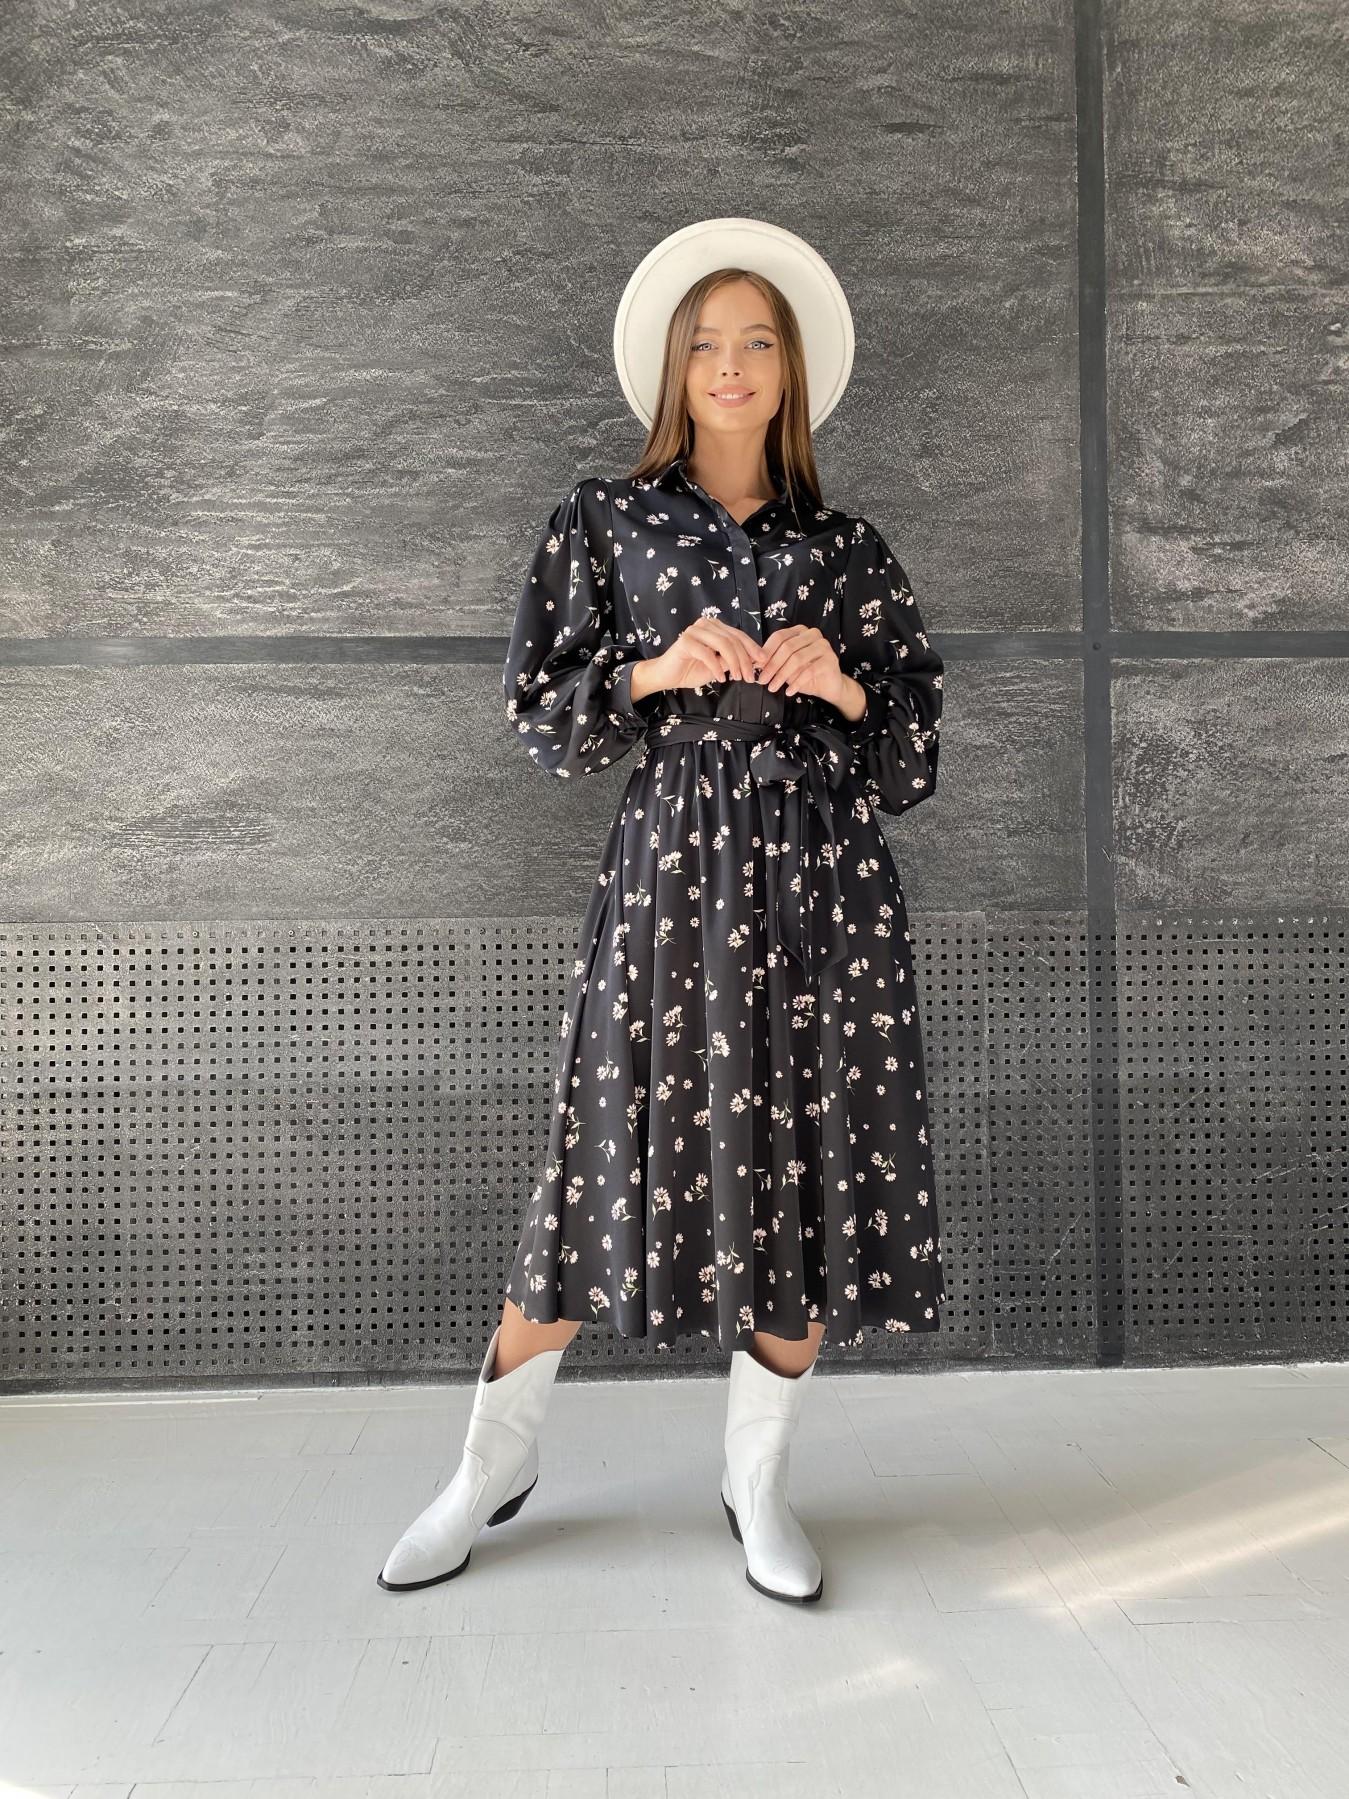 Жасмин д/р шелк принт платье 11716 АРТ. 48417 Цвет: Черный/пудра/хризантема - фото 4, интернет магазин tm-modus.ru